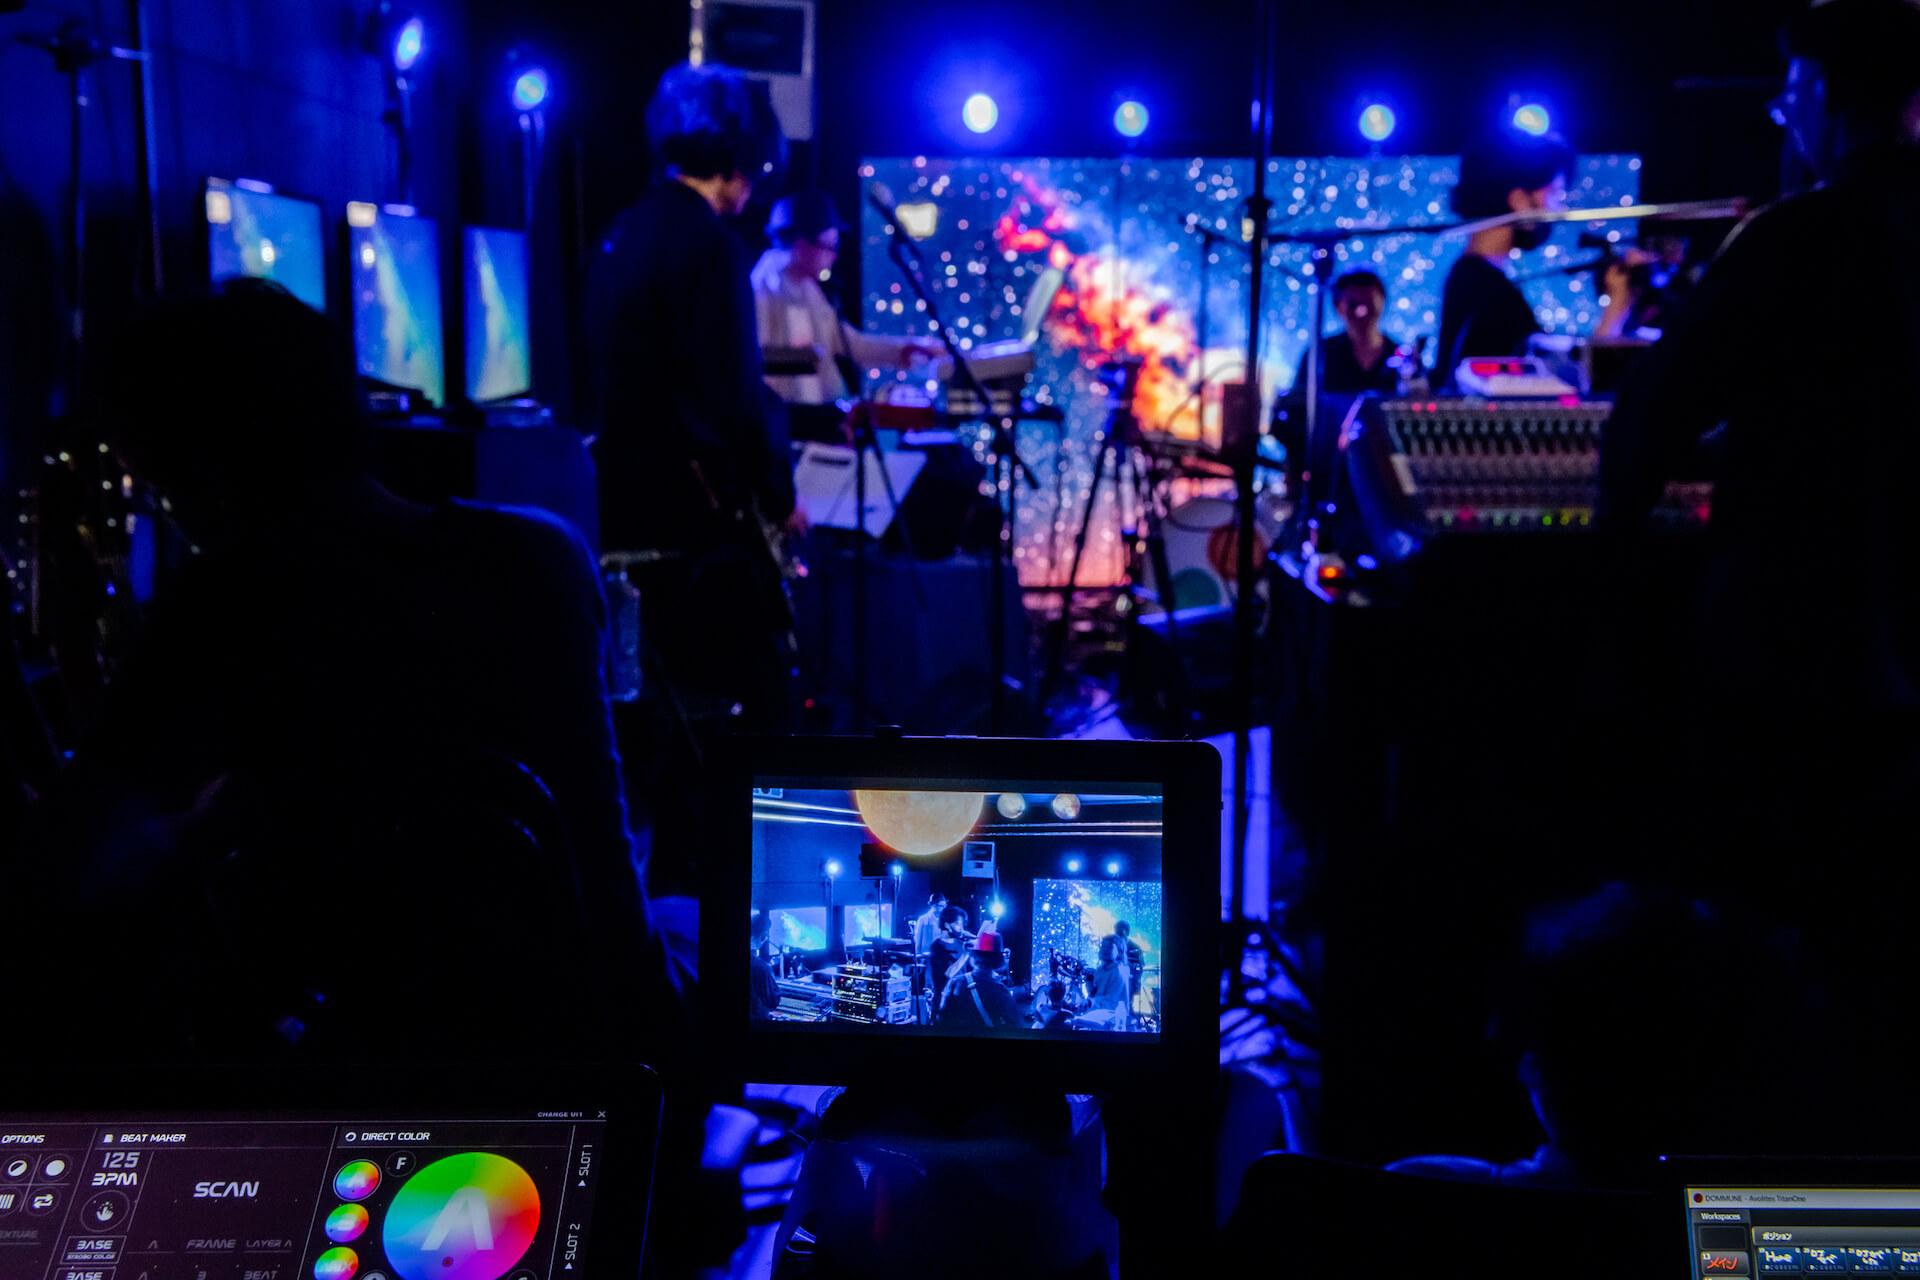 リアルとバーチャルのシナジーが生まれたFISHMANS AR LIVE<INVISIBILITY> music200622_fishmans_superdommune_9